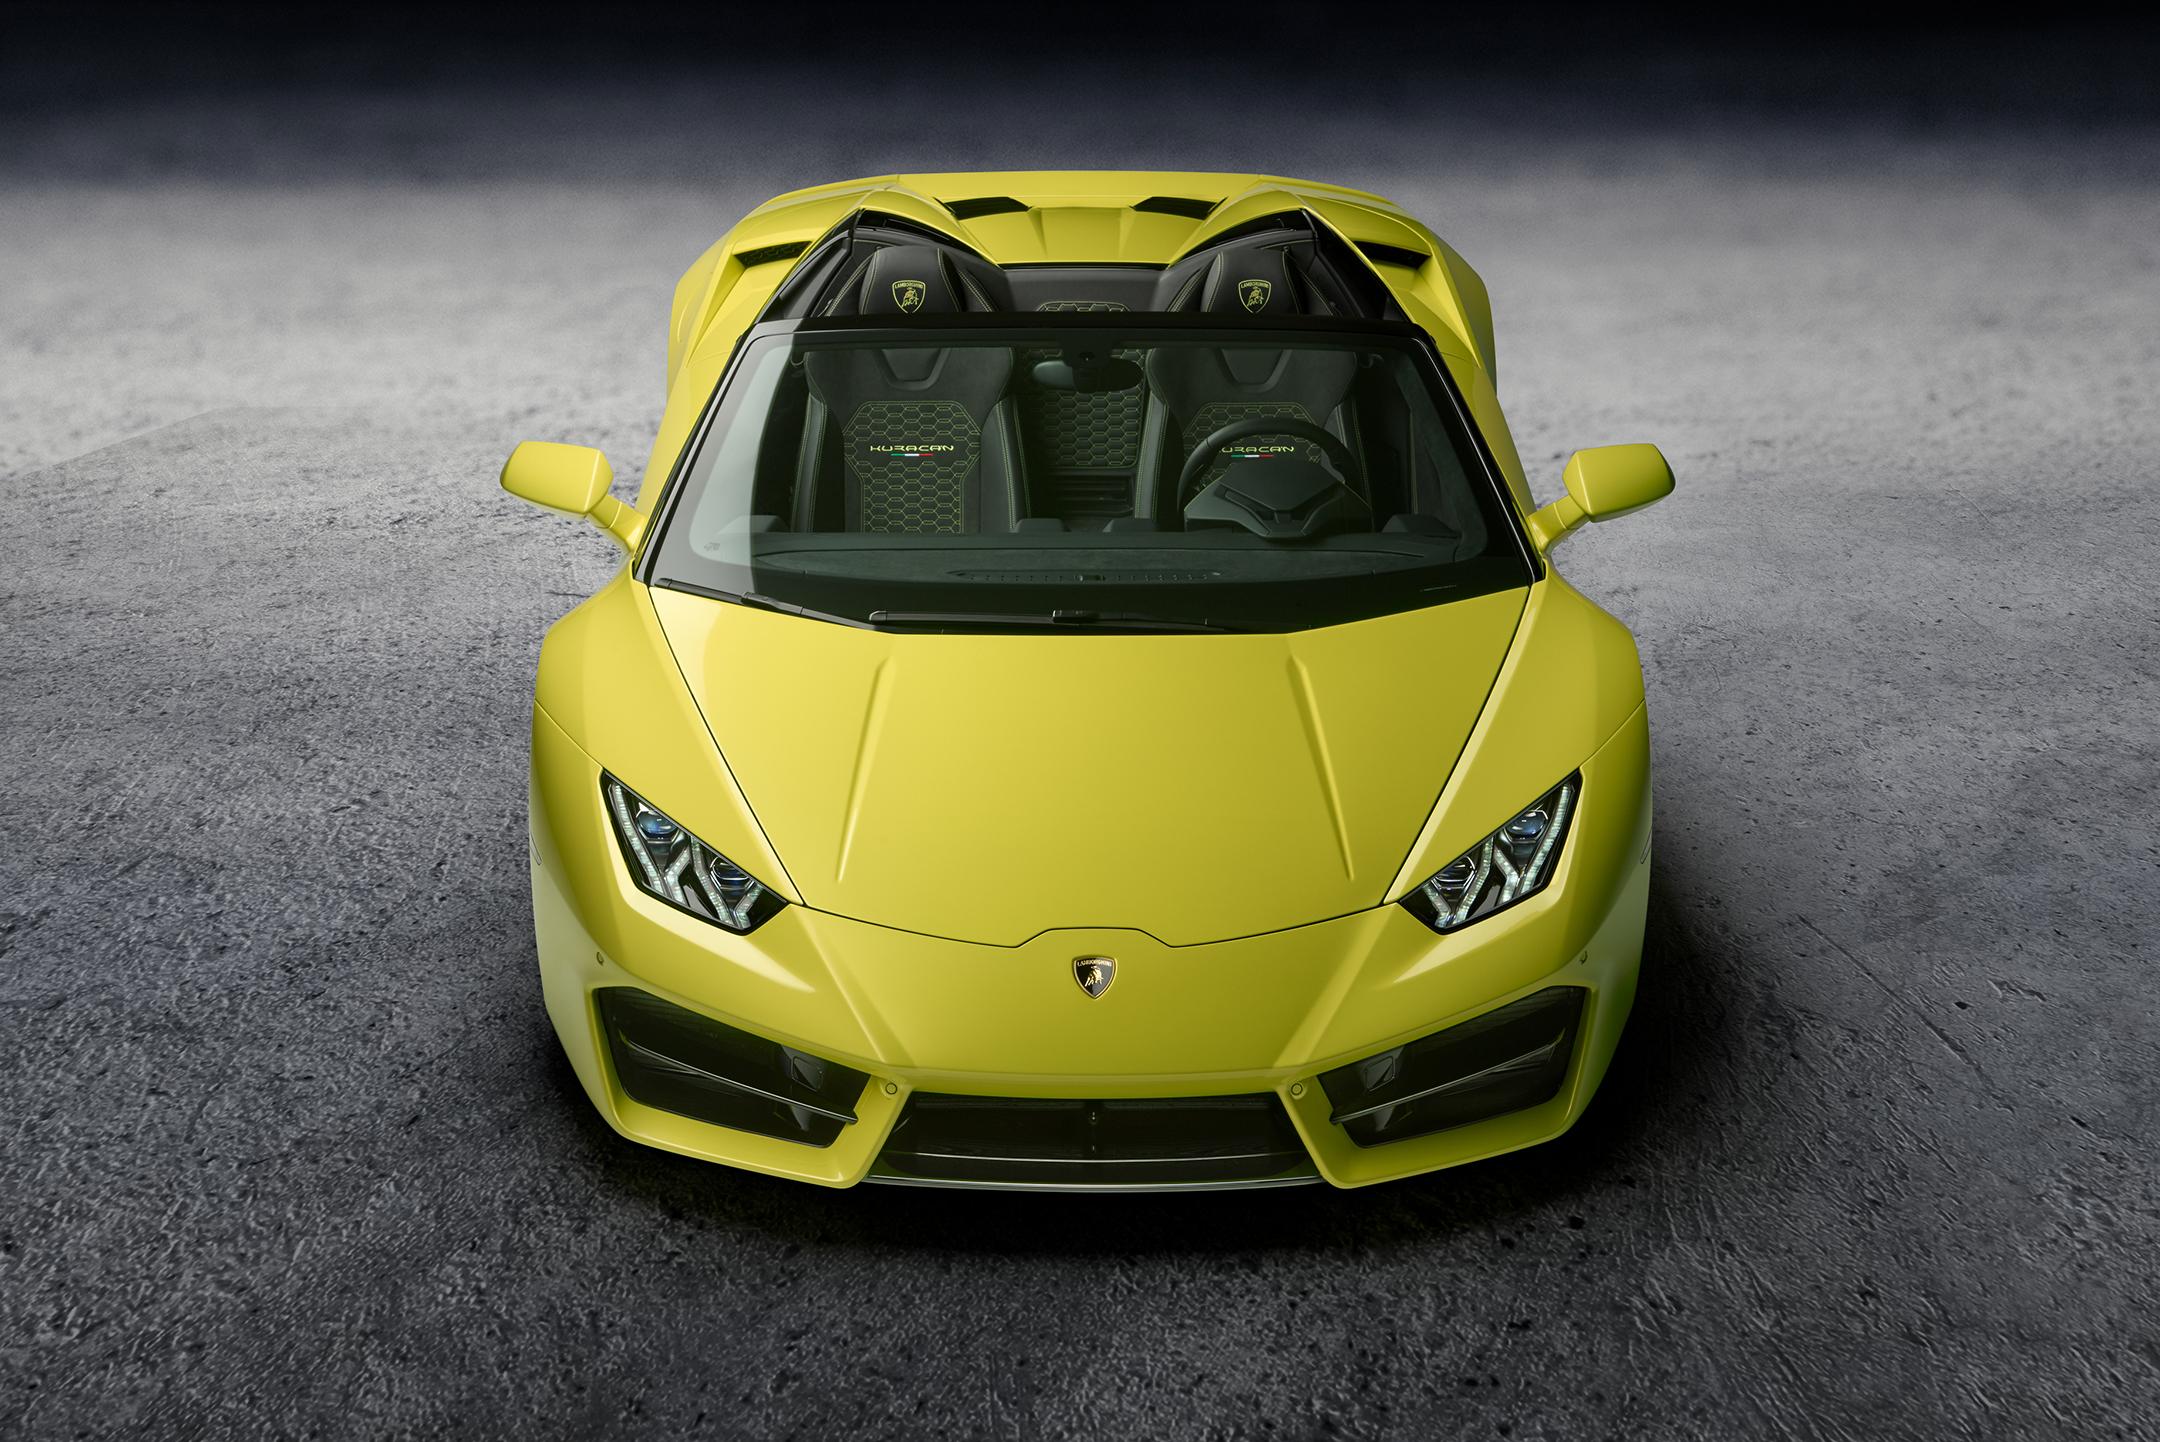 Lamborghini Huracán LP580-2 Spyder - avant / front